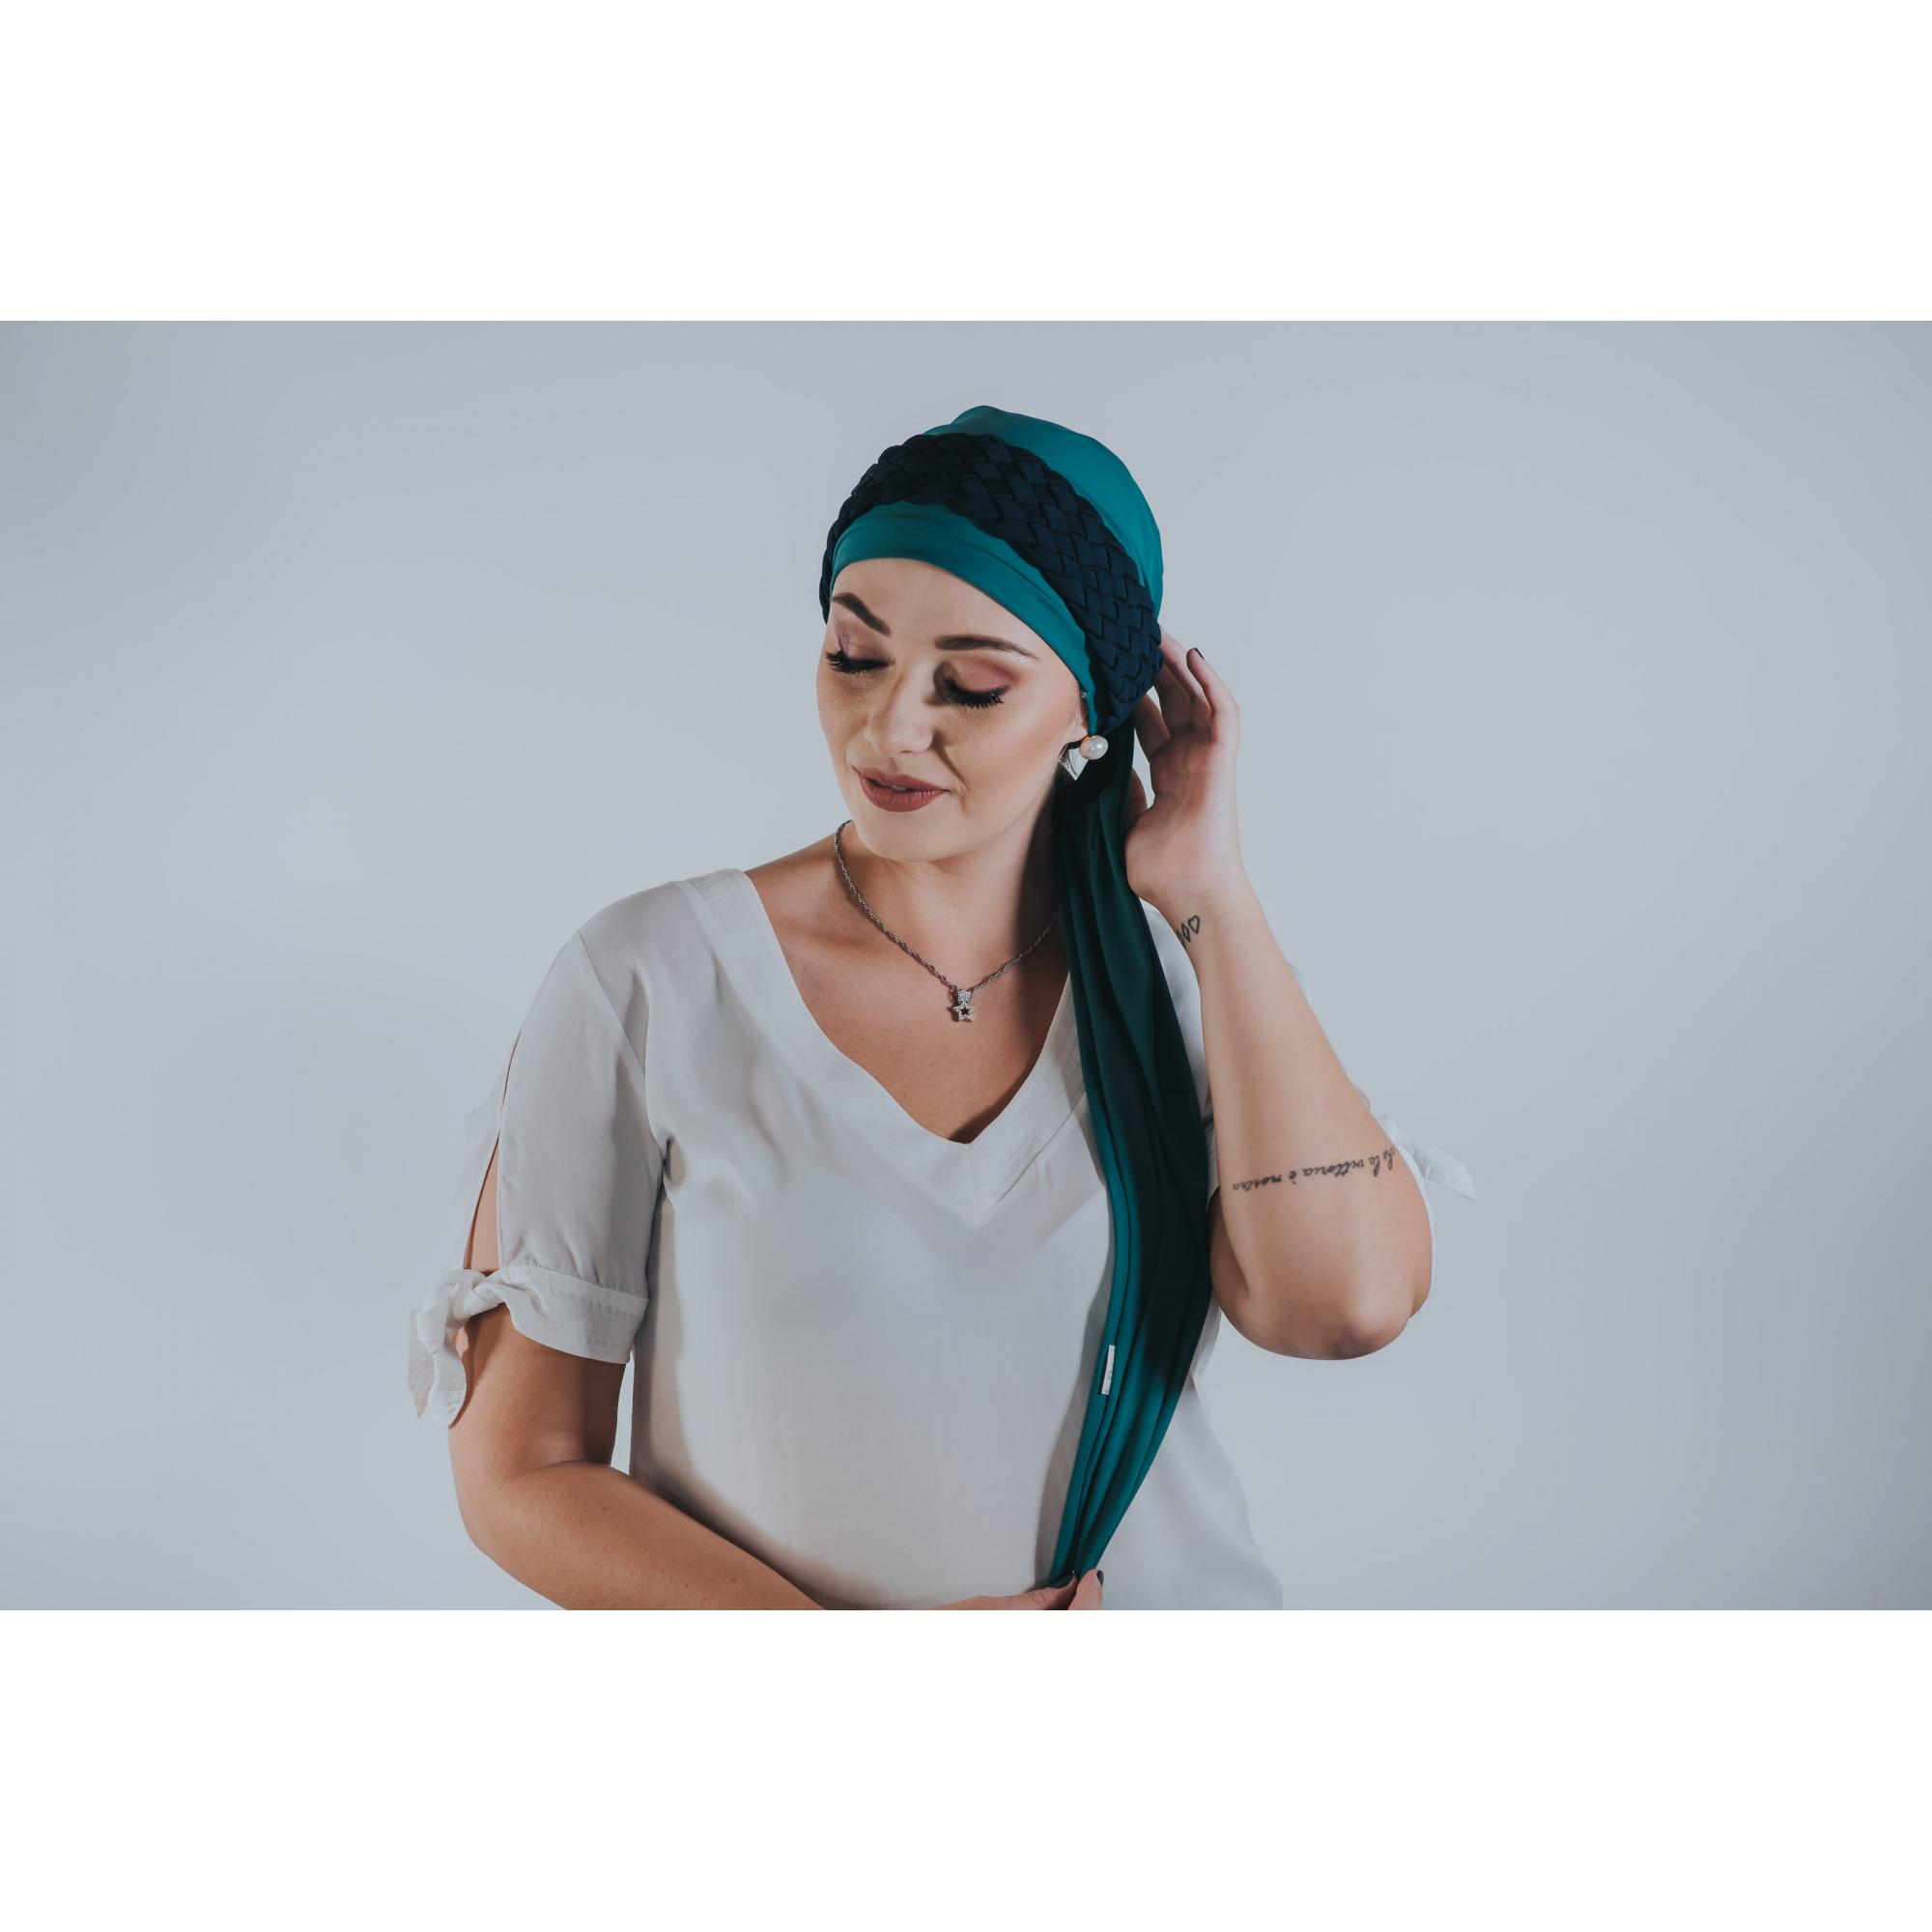 Turbante Verde Turquesa com Proteção UV + Tiara de trança Larga Azul Marinho